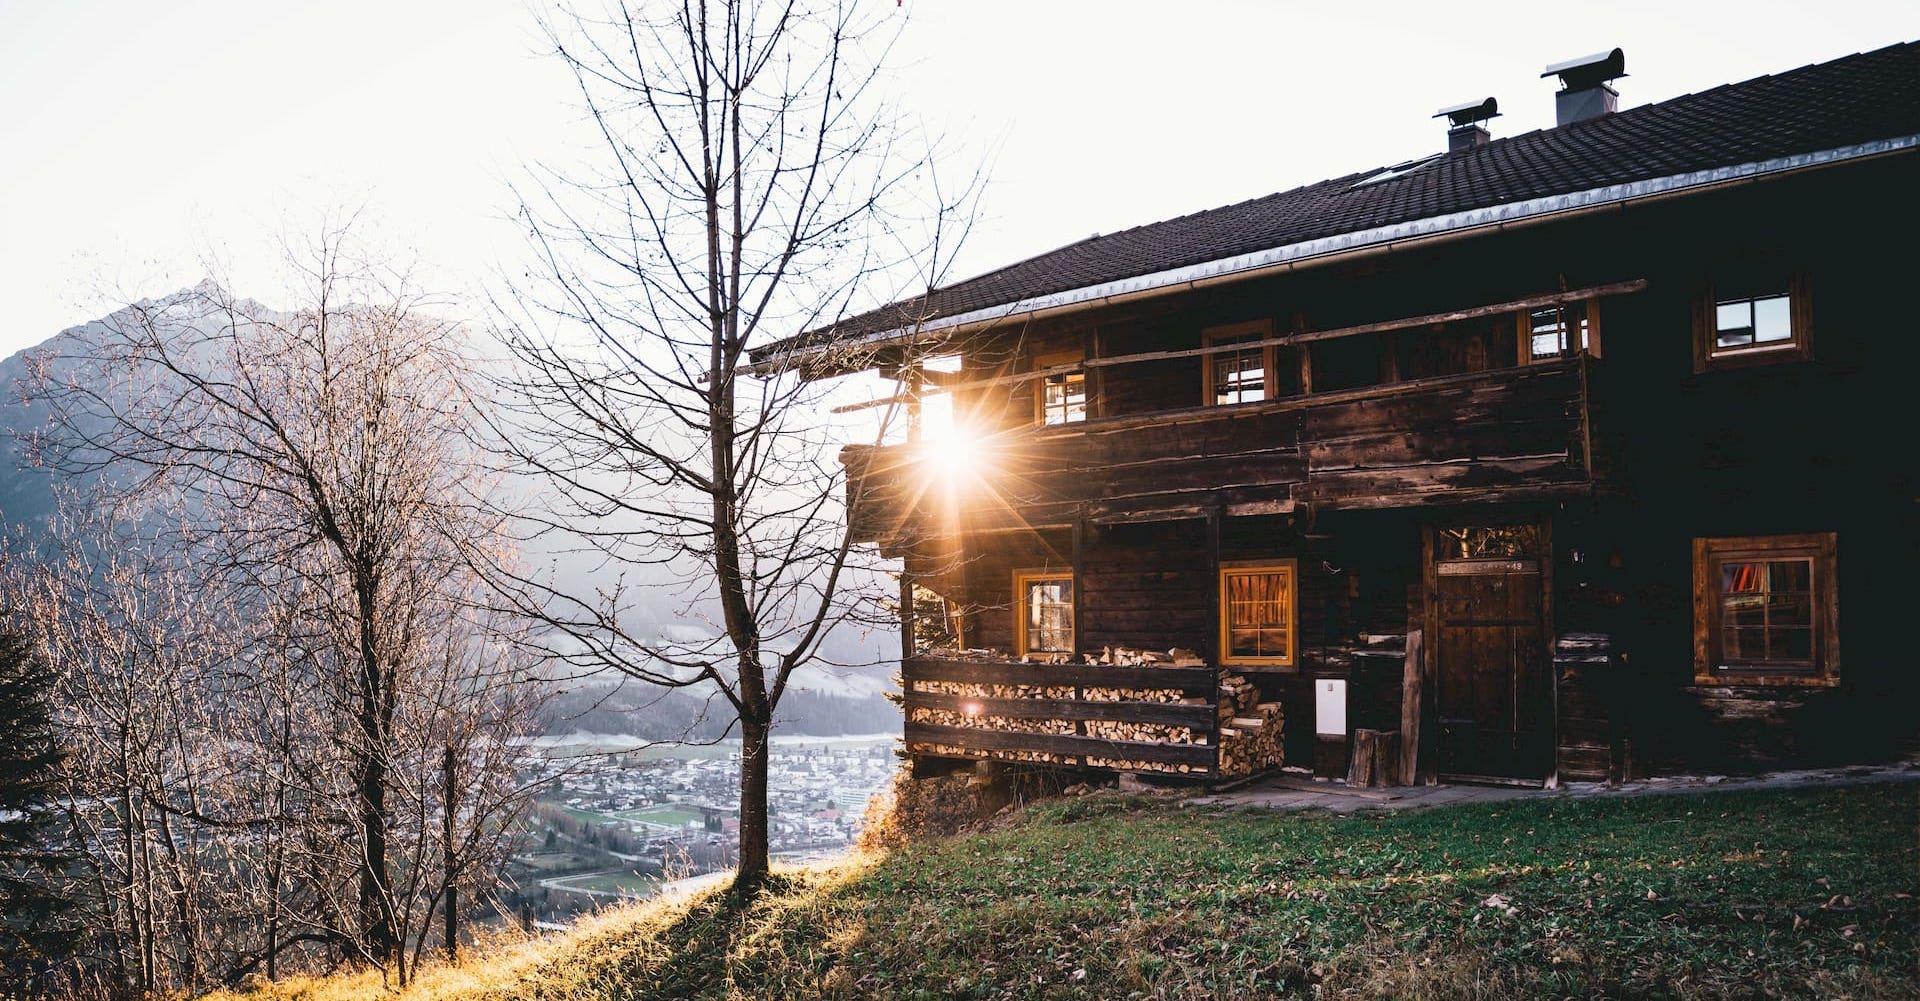 7 Gründe, warum es es sich lohnt, in Gruppe eine Berghütte zu mieten